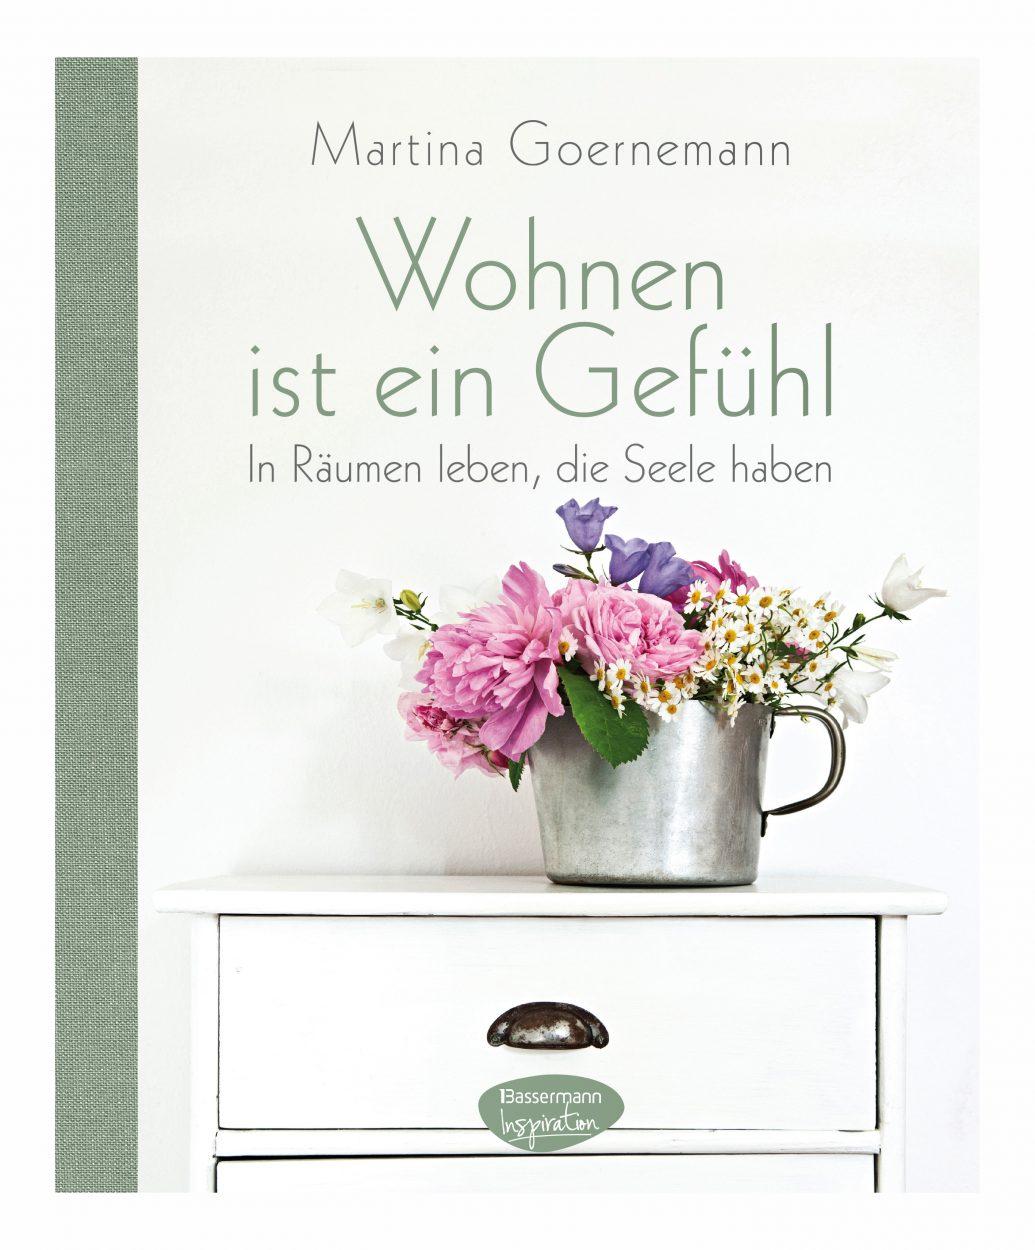 WohnenGefuehl_U1_3.indd